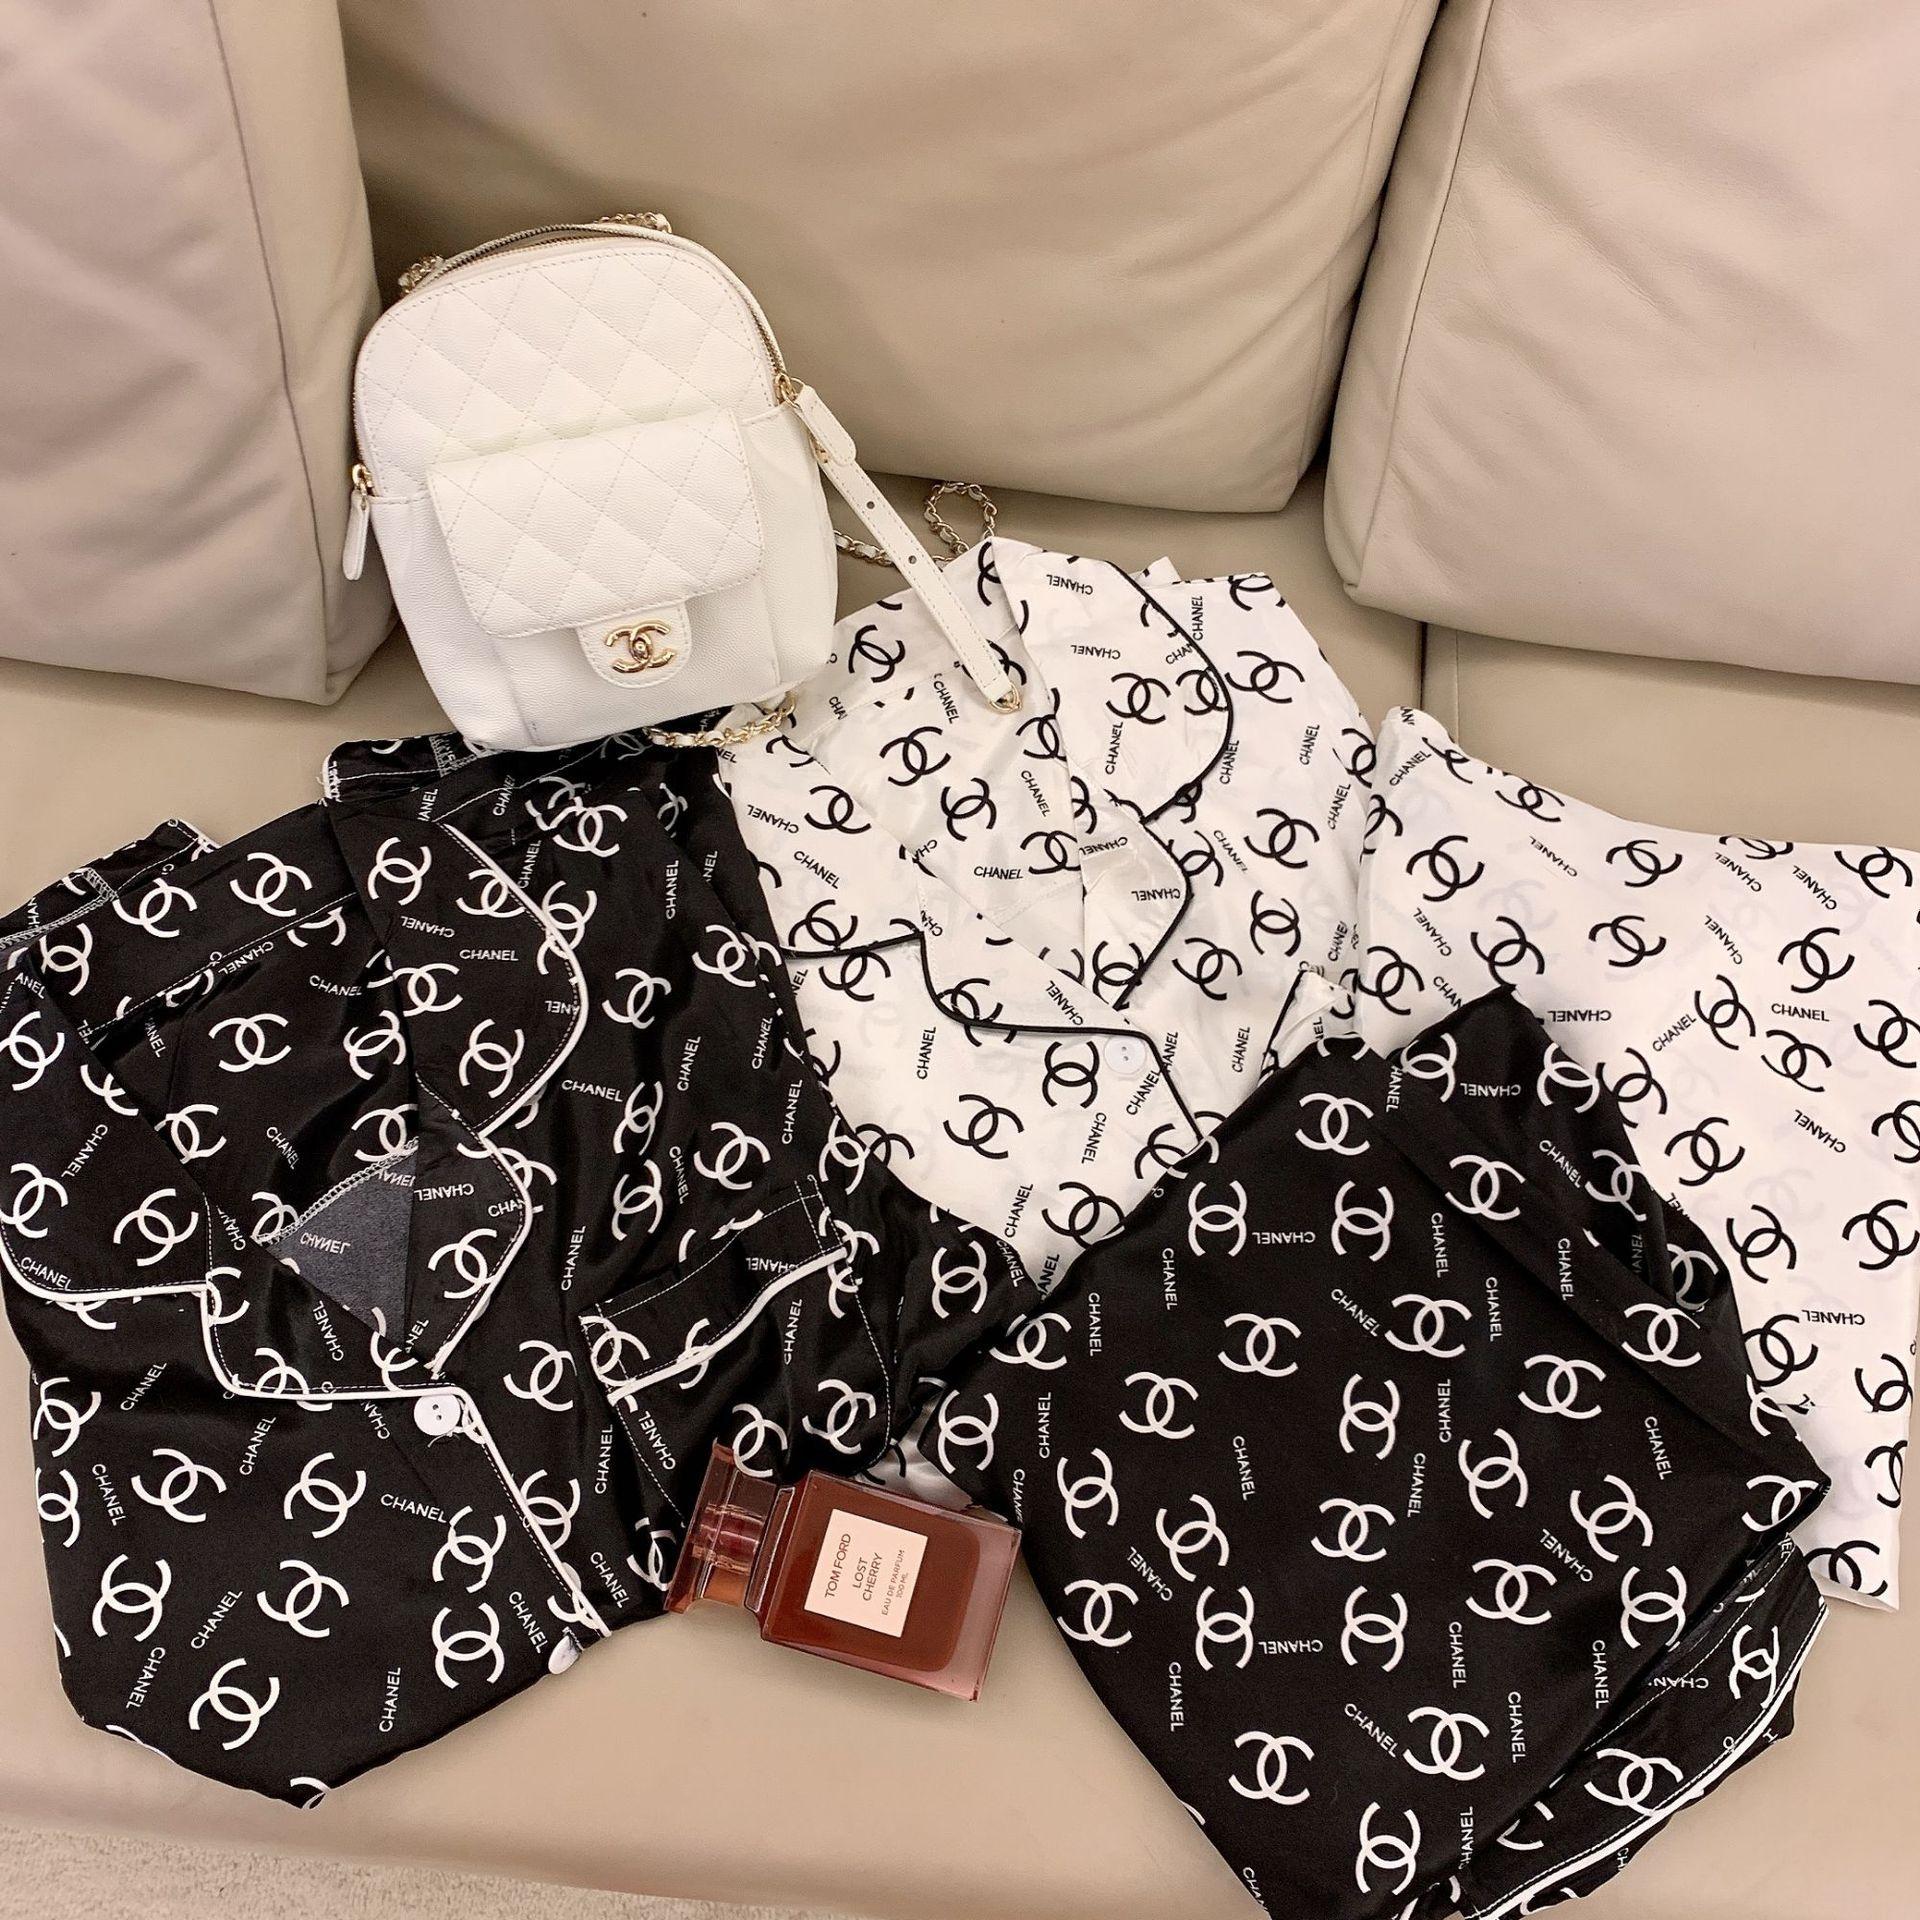 S8U4e Yaz kadın kısa kollu pantolon mektup baskılı ipek yaka kıyafetler pijamalar Külotlu çorap ev giysileri yumuşak buz ipek moda Ana elbise